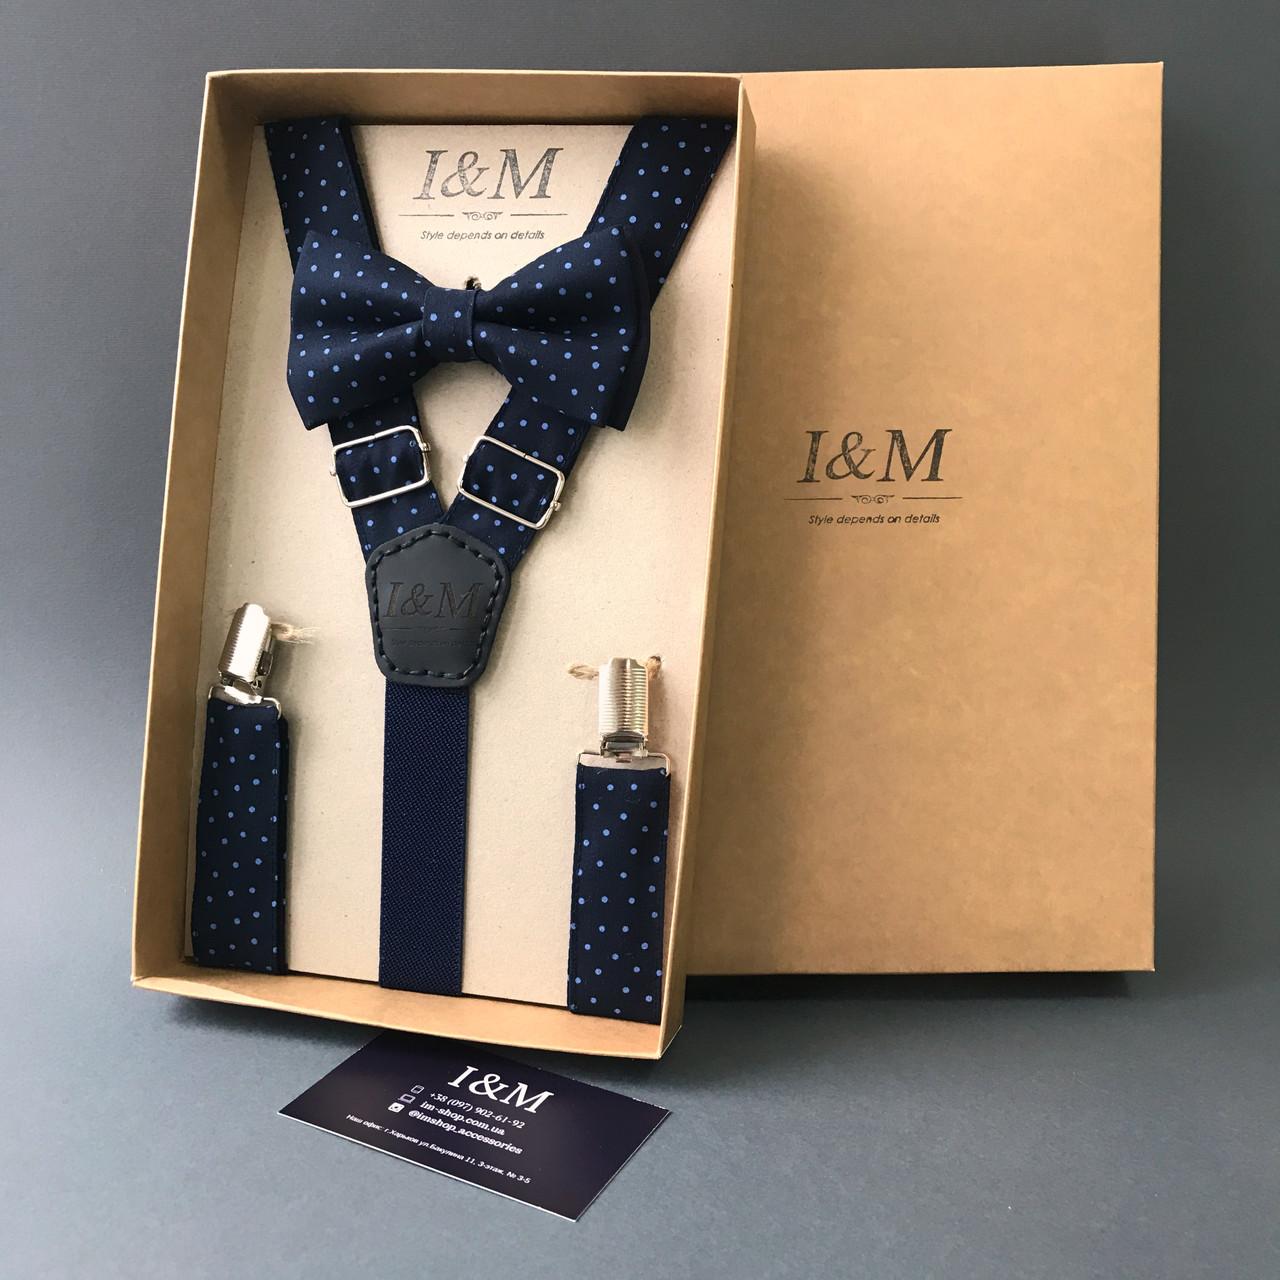 Набор I&M Craft галстук-бабочка + подтяжки для брюк синий в голубой горох (030248)